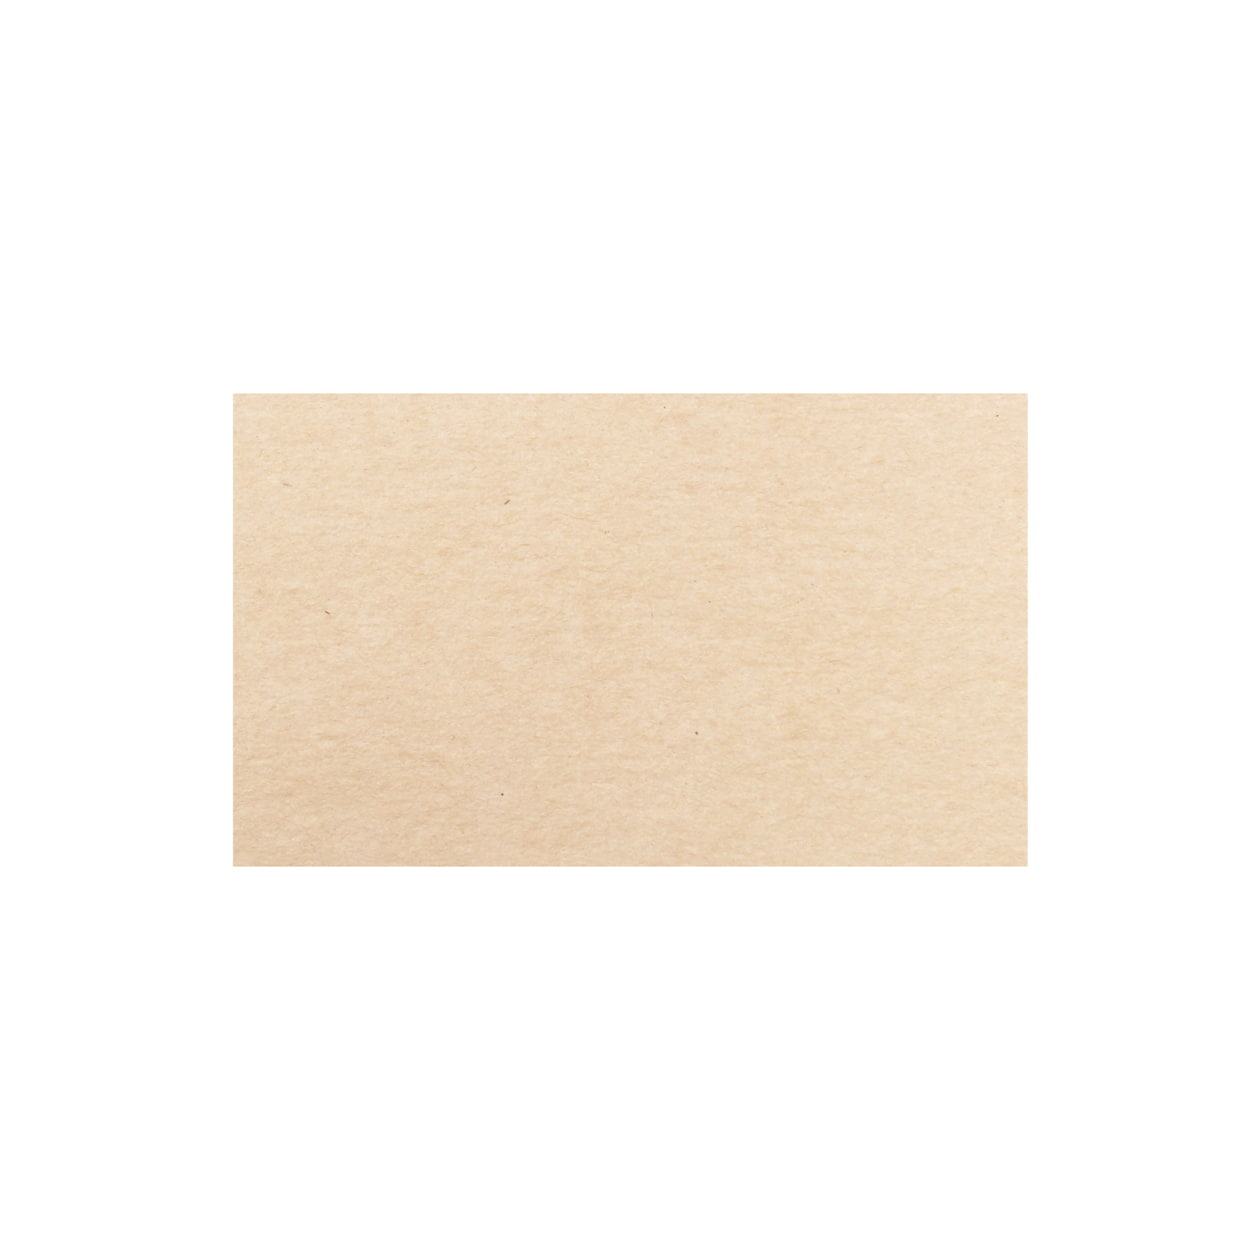 ネームカード HAGURUMA Basic ウッドブラウン 260g